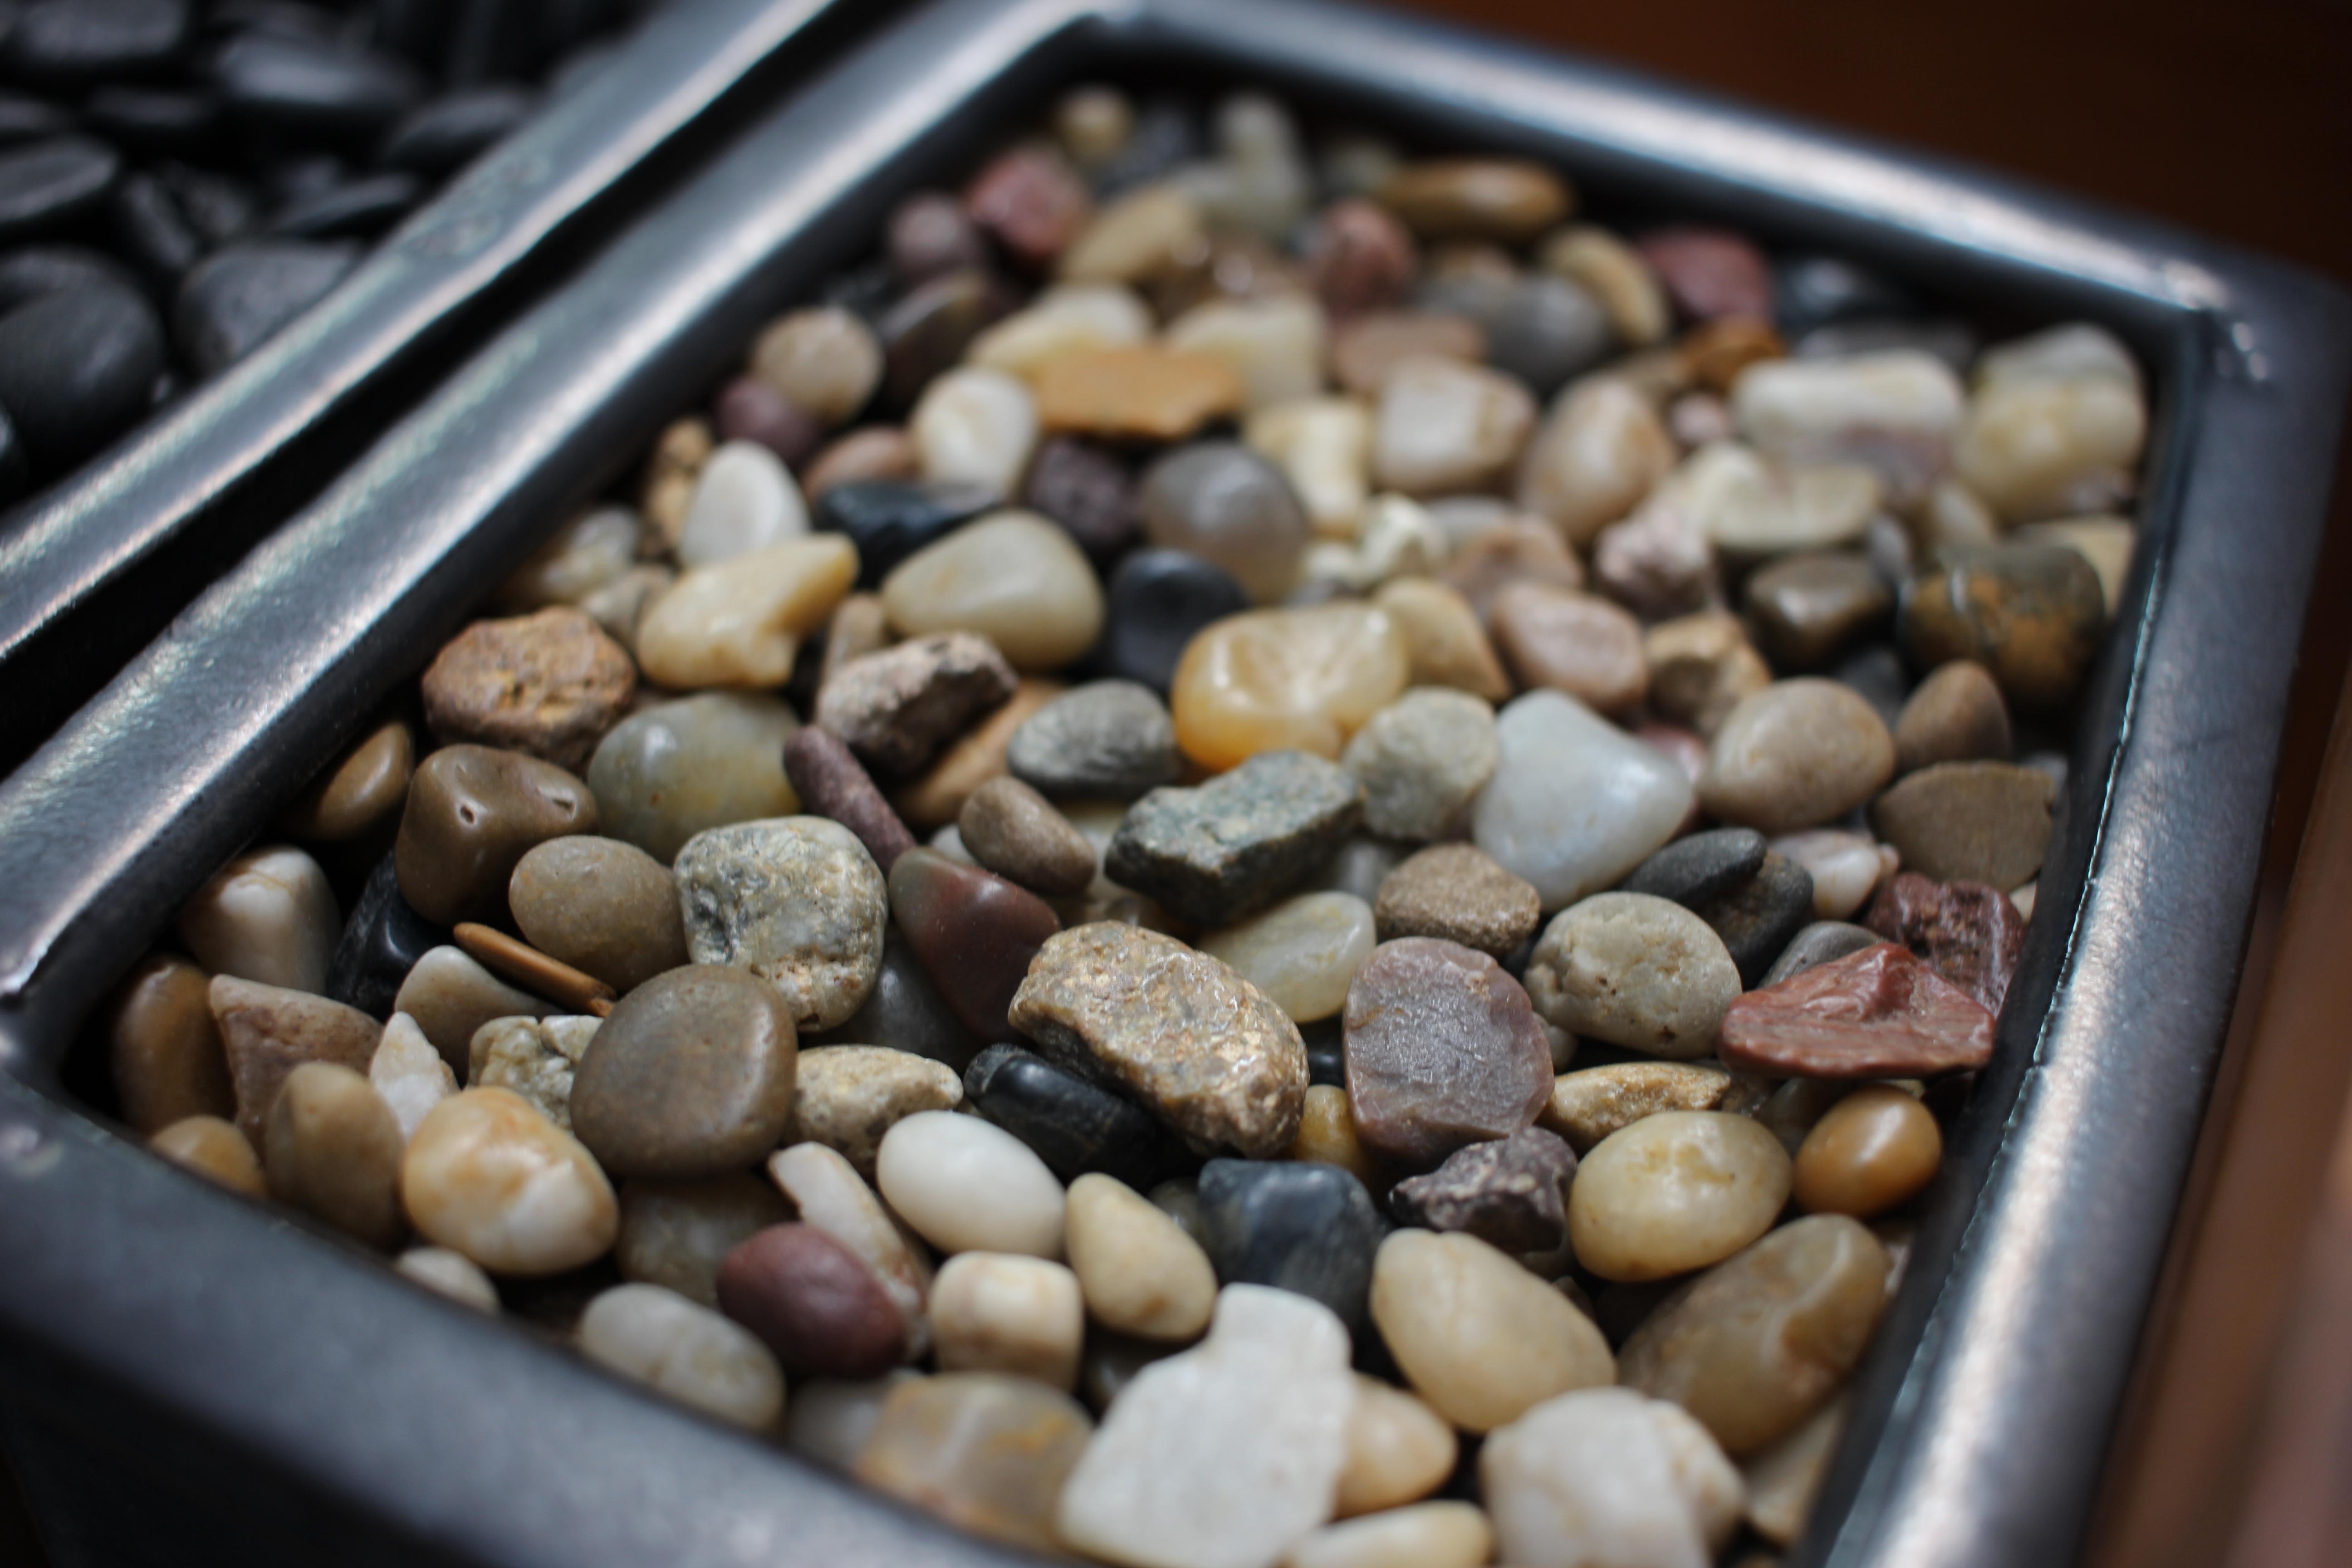 Mixed Stones 1 - 1.5 cm